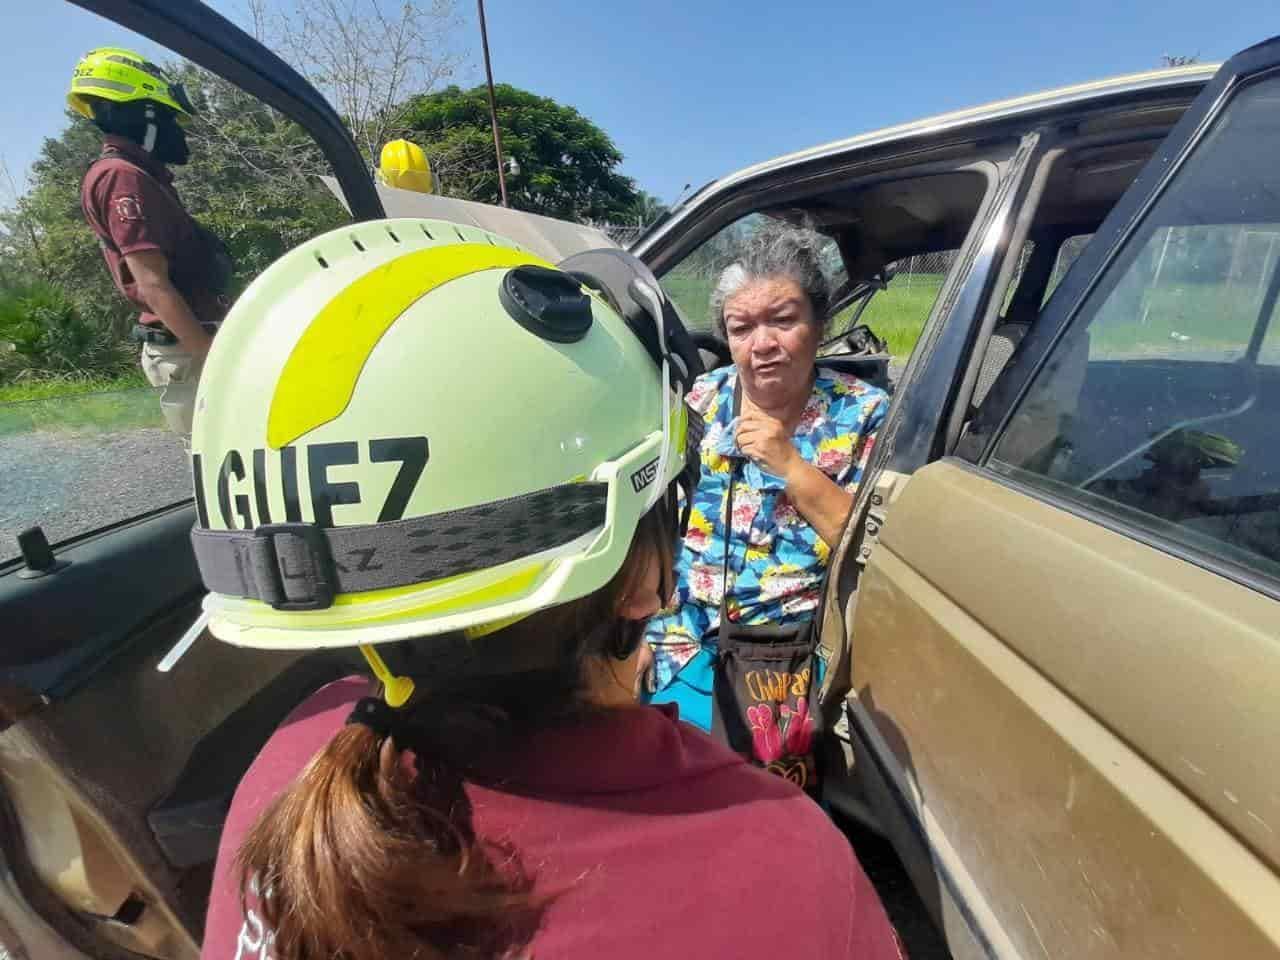 La mujer de la tercera edad, terminó con lesiones de consideración, al ser impactado su vehículo por un Torton